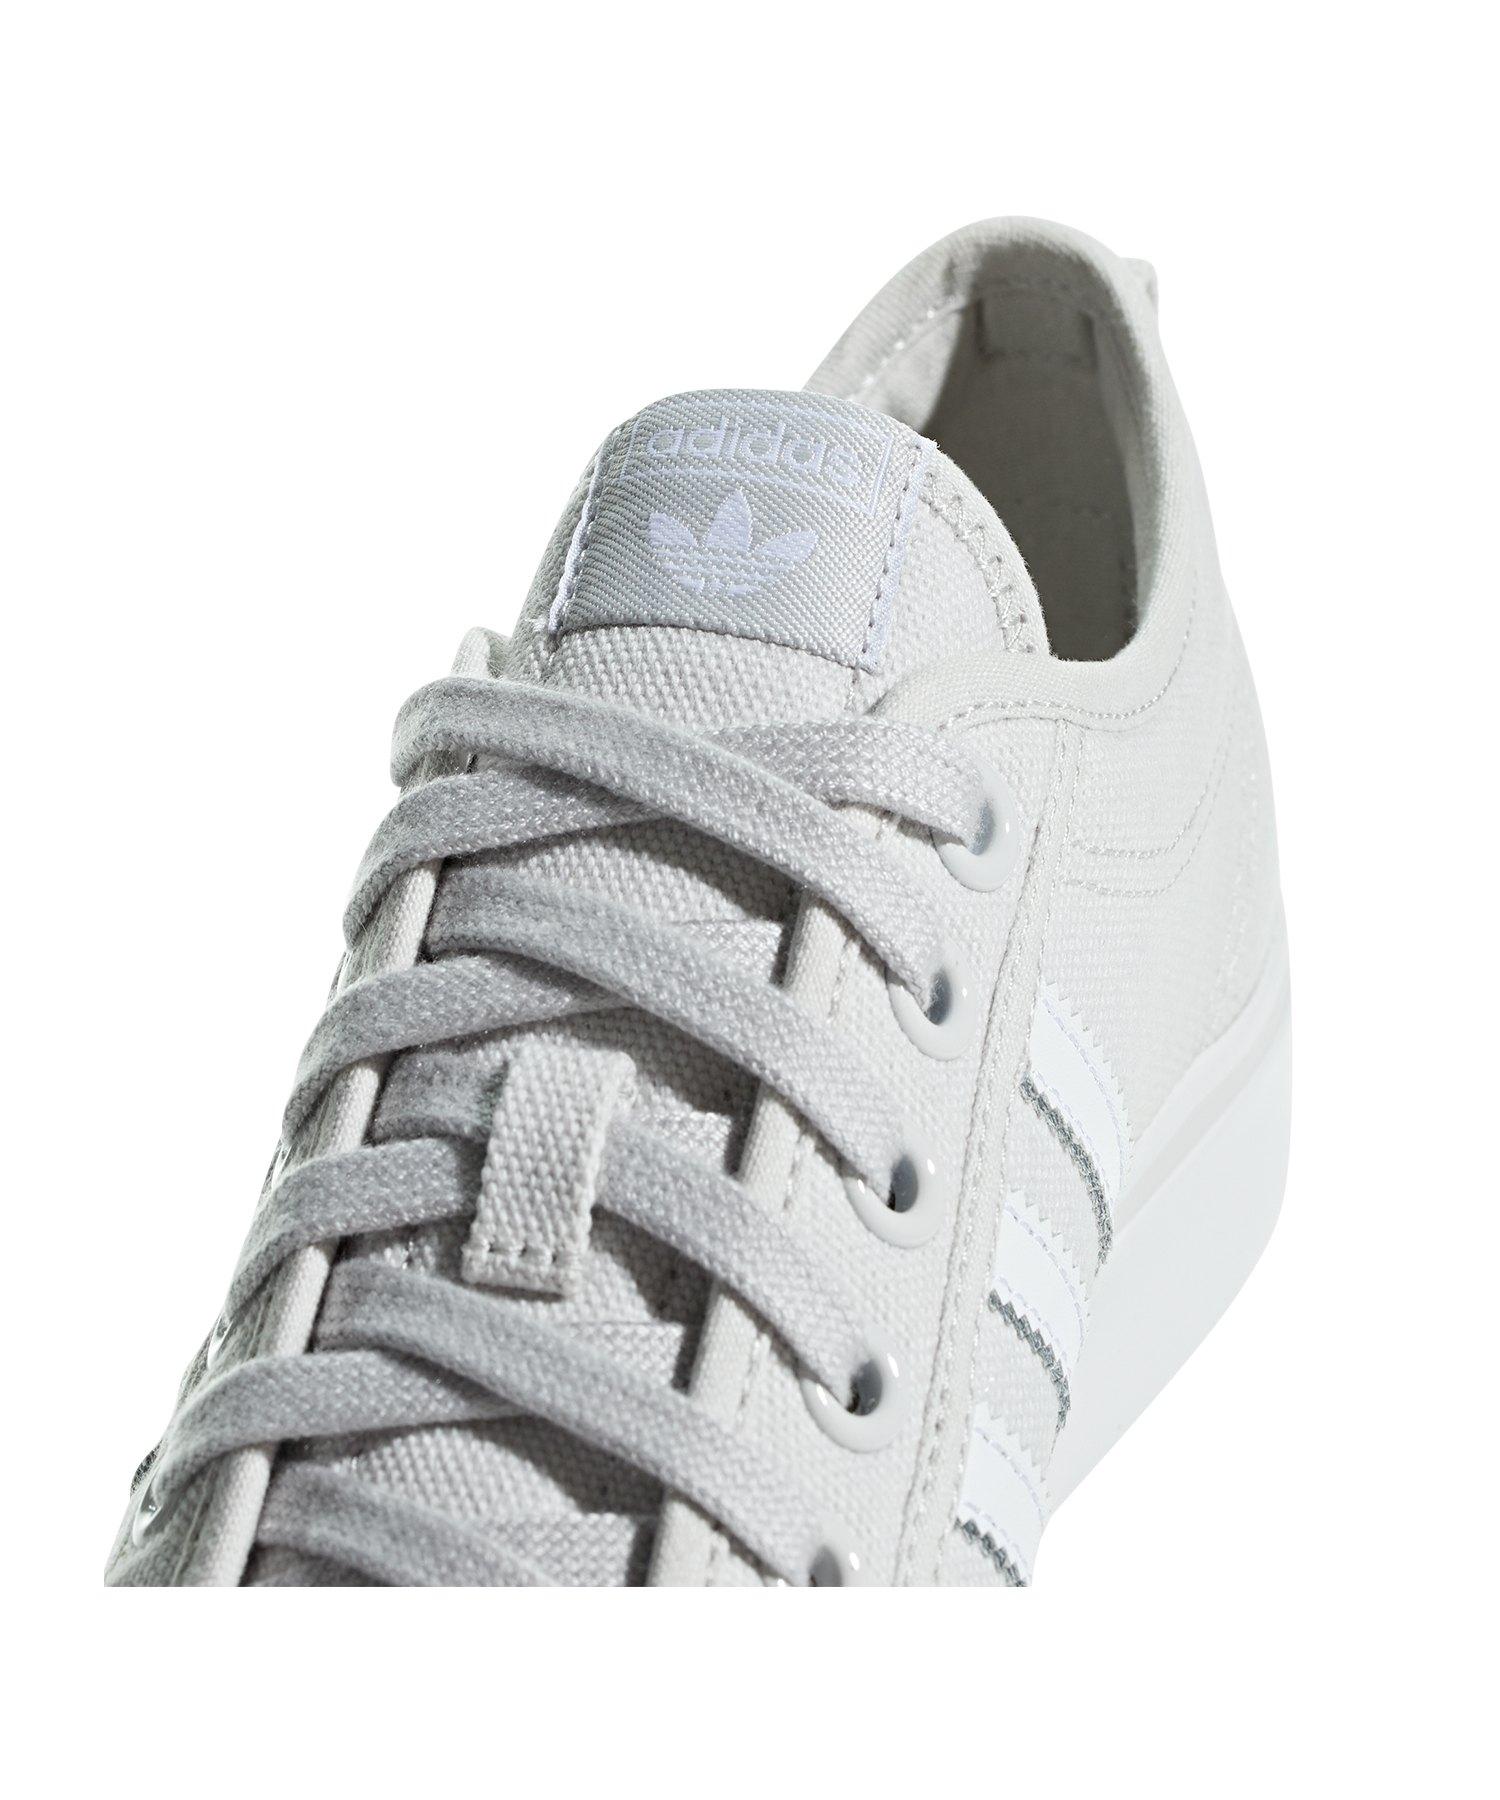 5295e71514d407 ... adidas Originals Nizza Sneaker Damen Grau Weiss - Grau ...